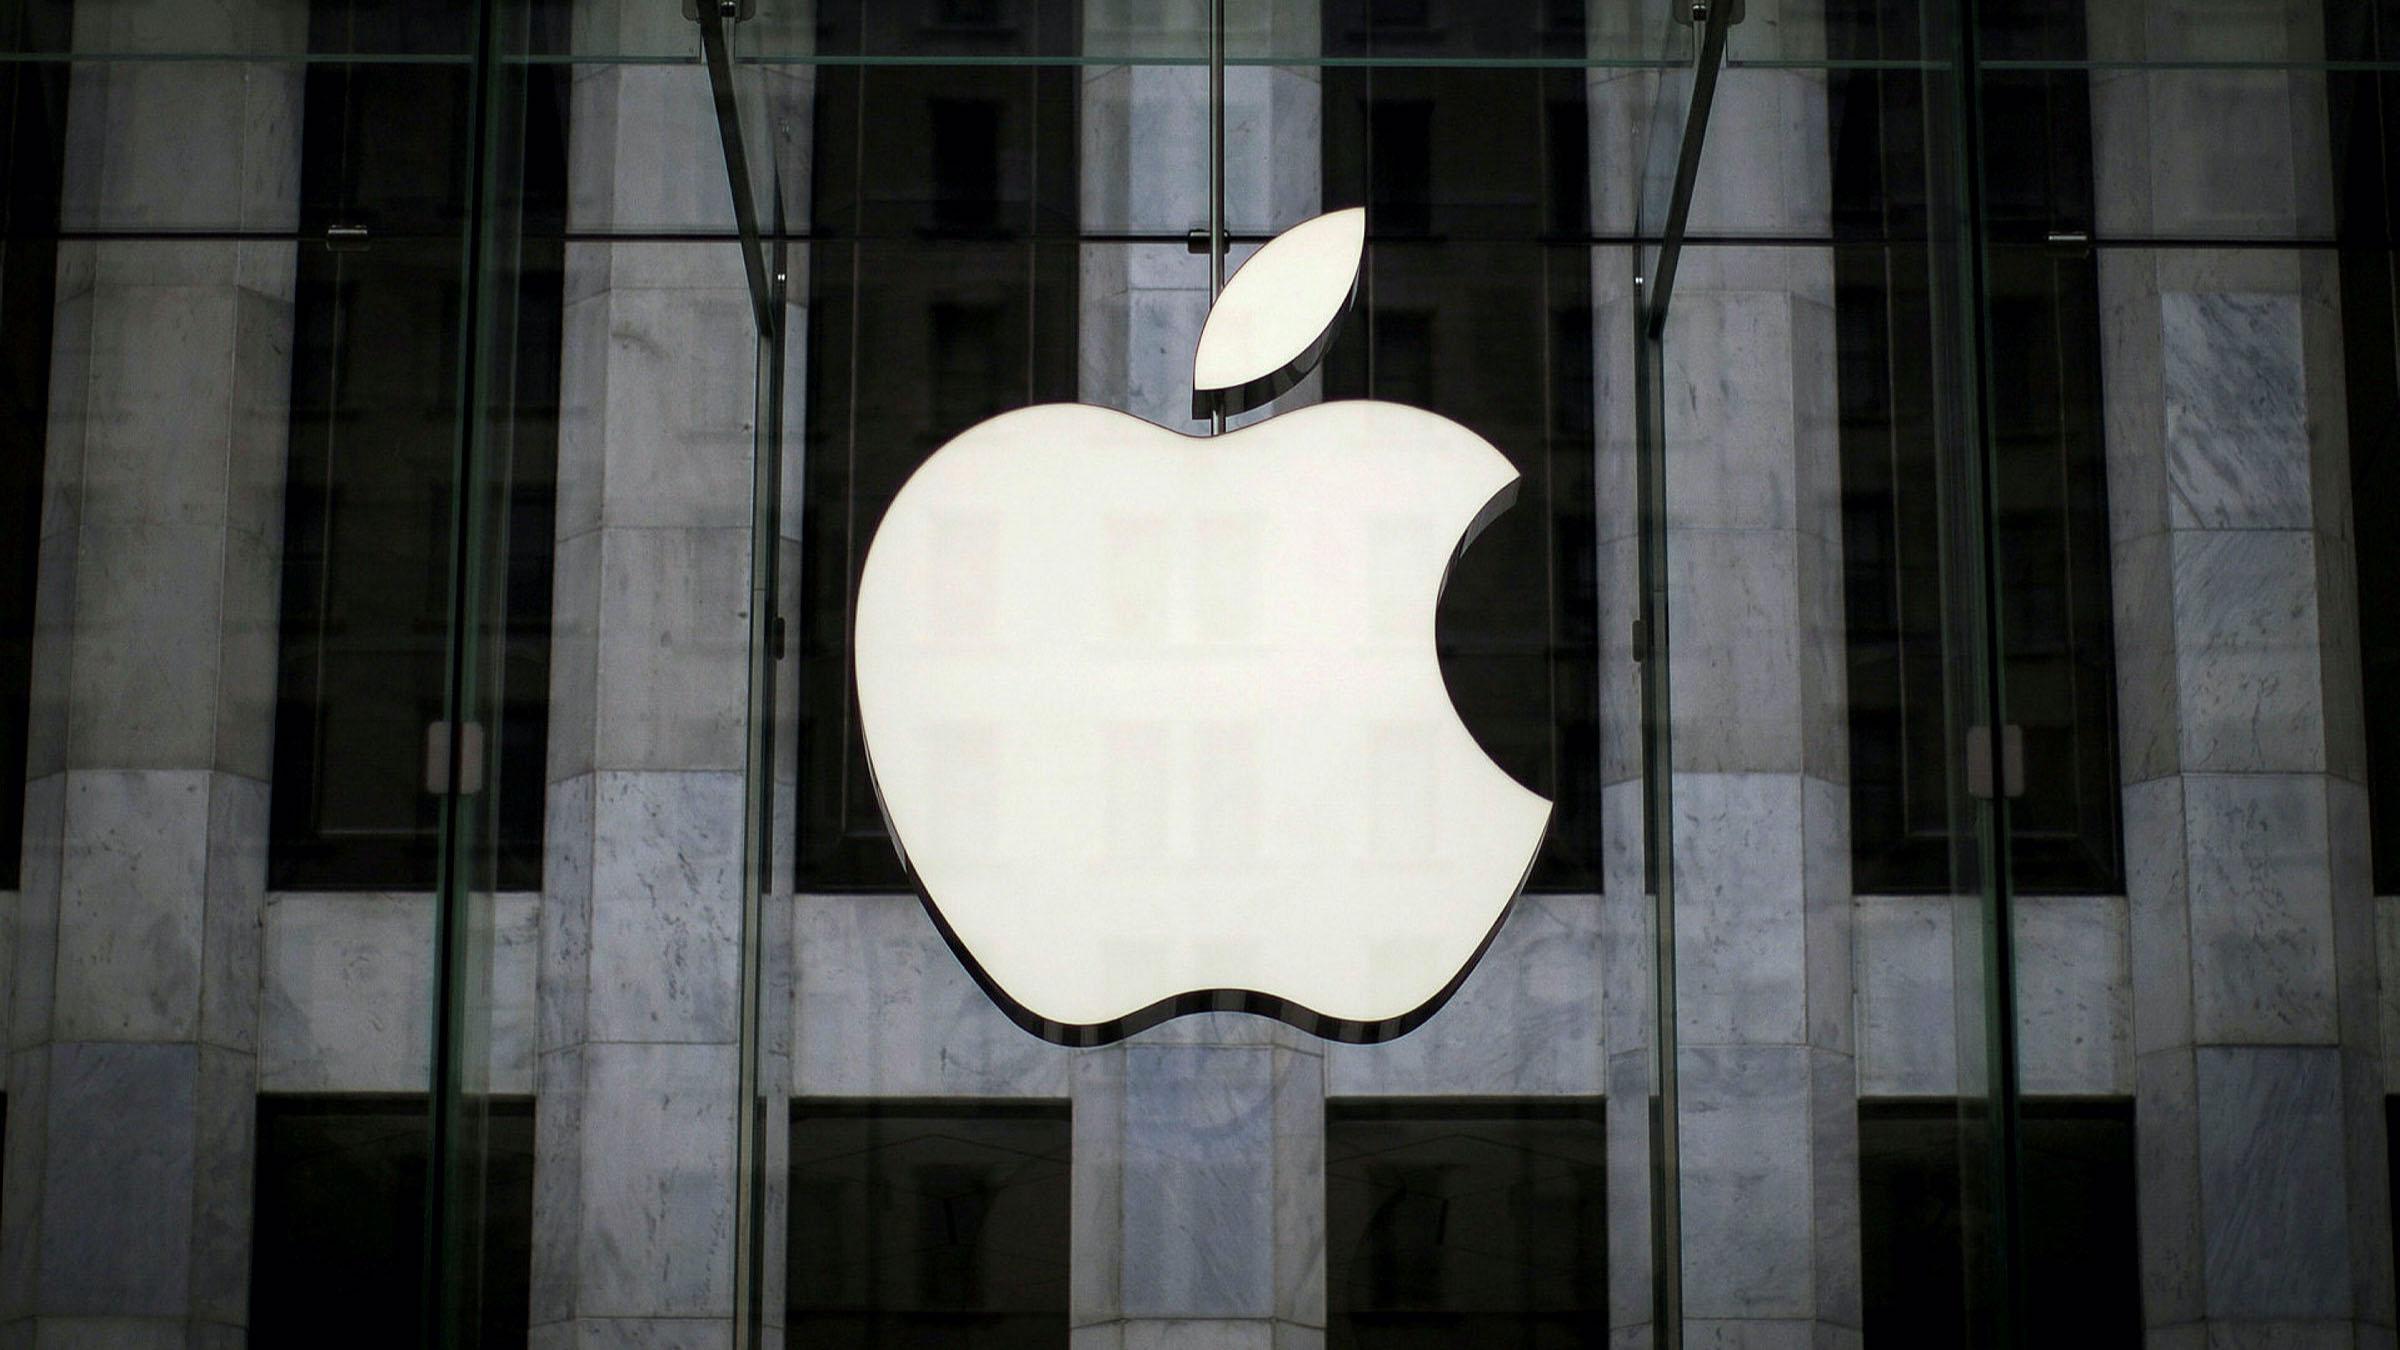 Apple може відкрити пряме представництво в Києві у 2021 році